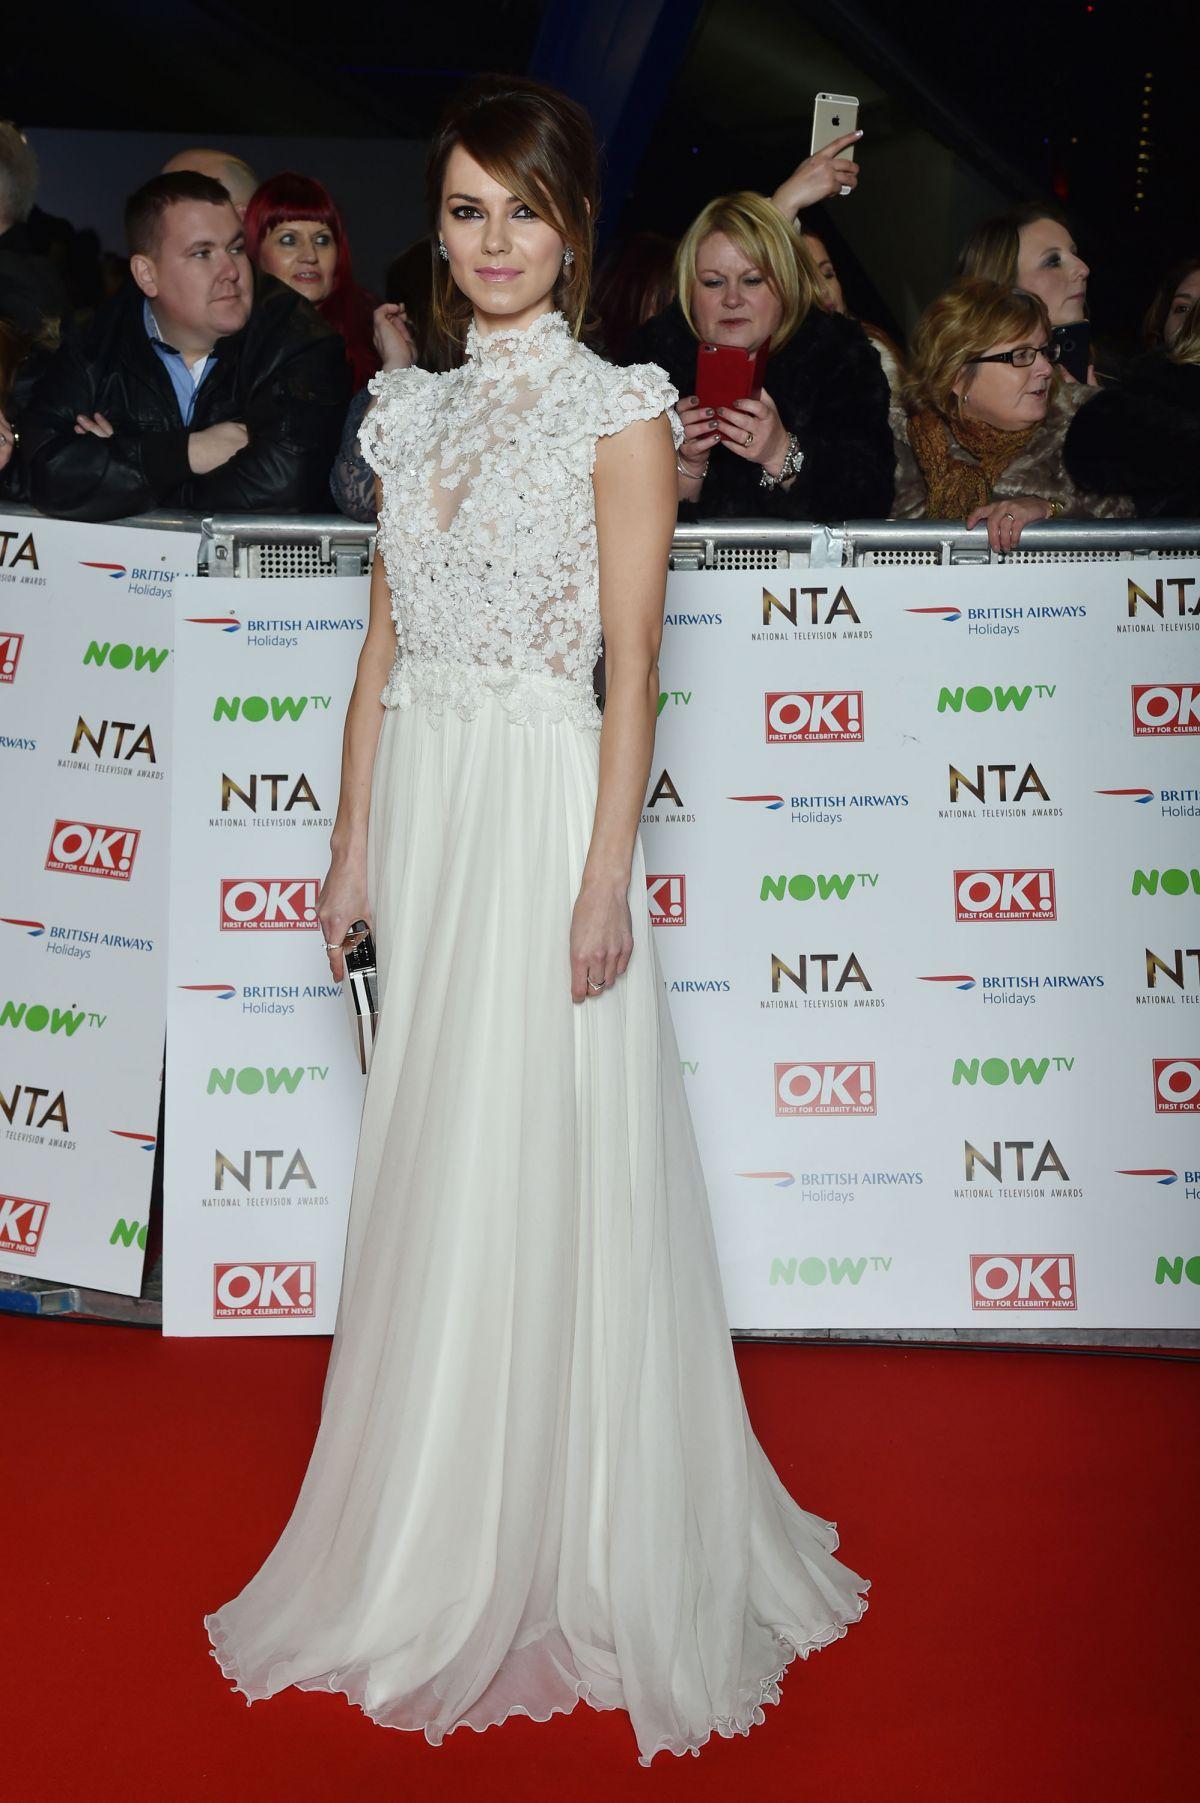 KARA TOINTON at 2016 National Television Awards in London 01/20/2016